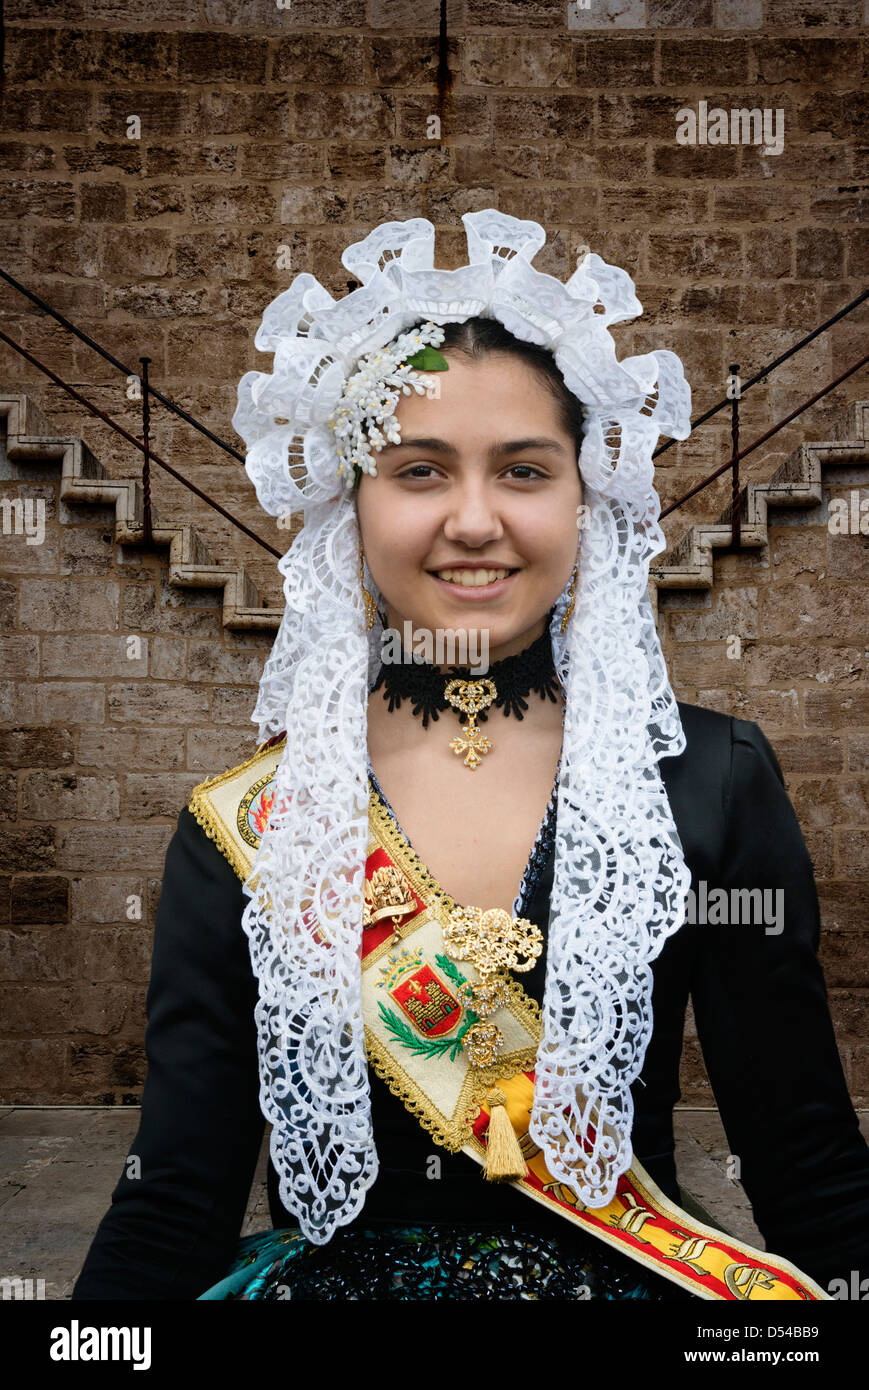 La ragazza spagnola in costume tradizionale compresi i pizzi mantilla velo o scialle durante Las Fallas o Falles Immagini Stock